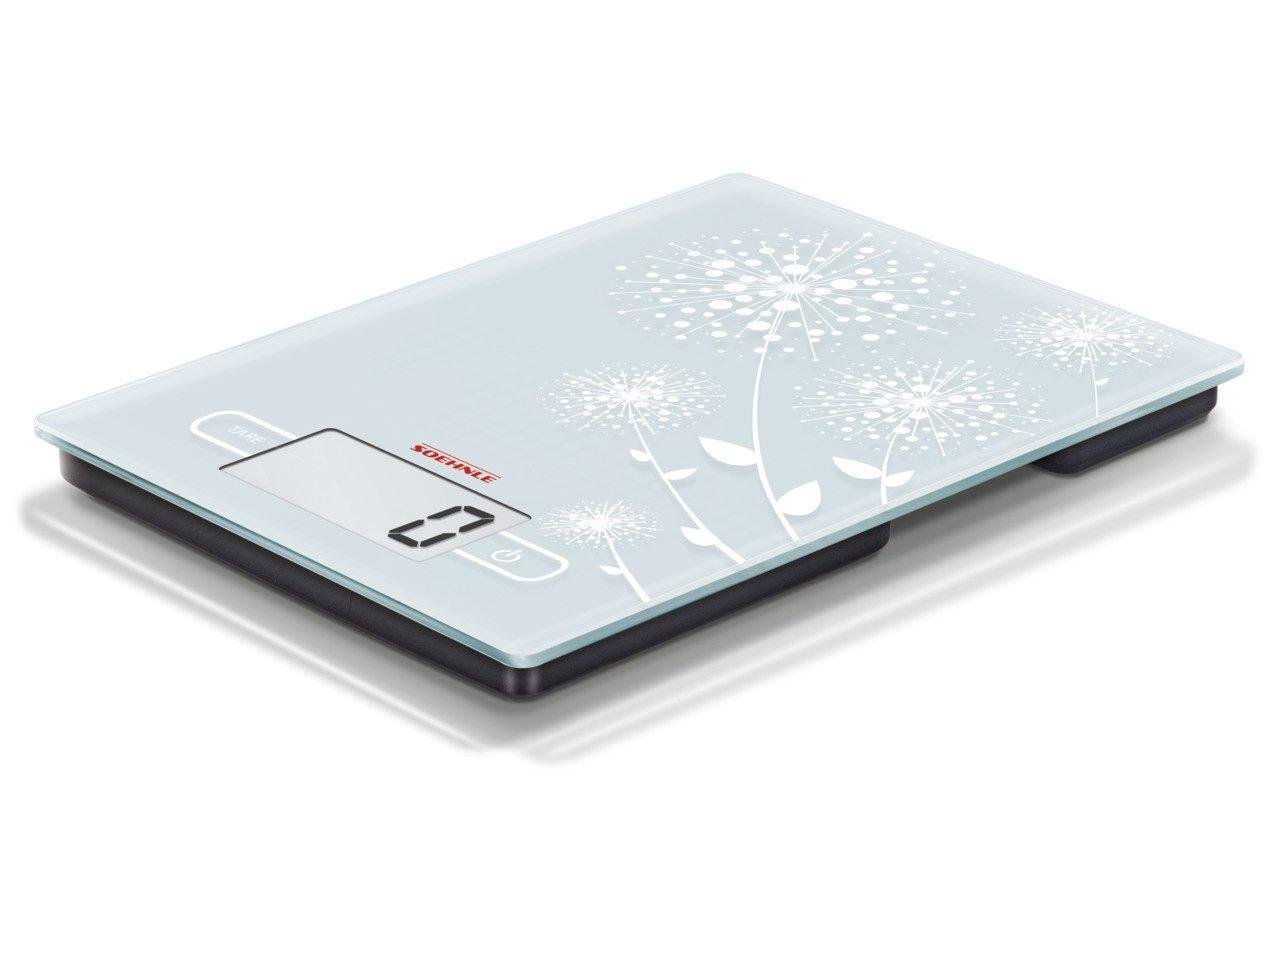 Soehnle 65115 kính mờ thiết kế điện tử được gọi là số nhà bếp.